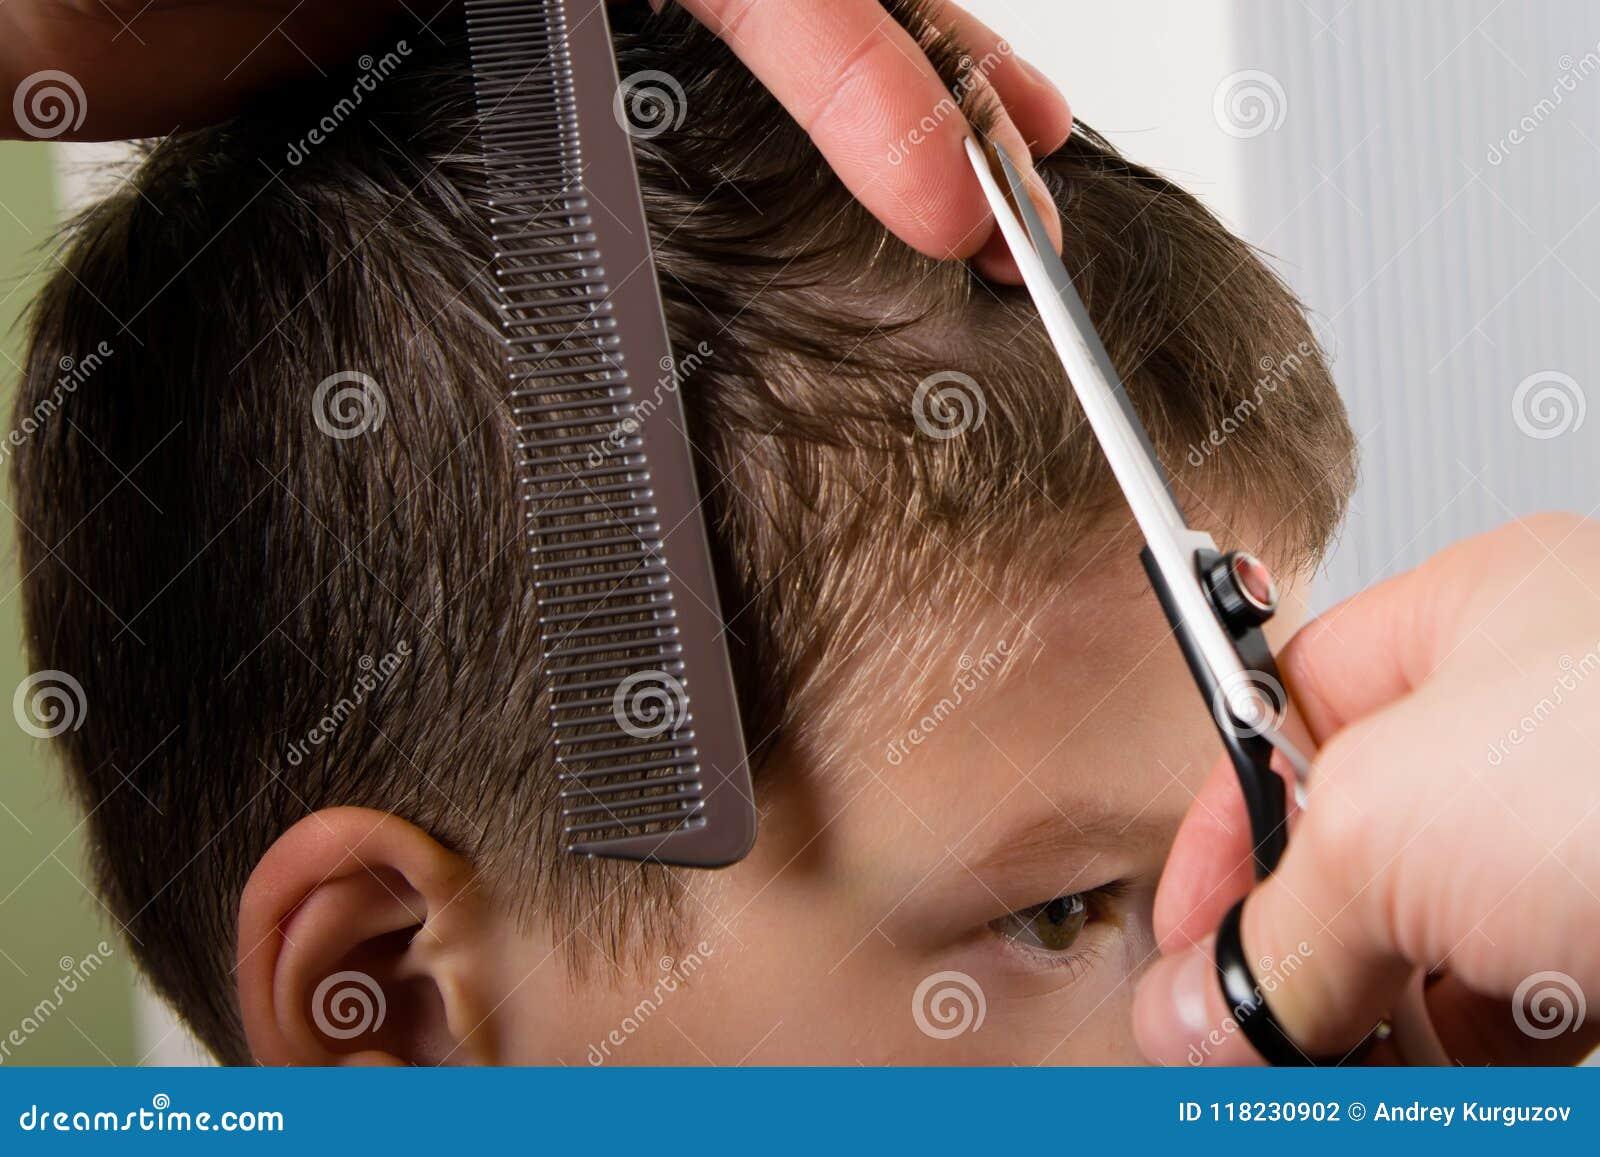 De kapper houdt een kam en een schaar in haar hand en maakt een kapseljongen